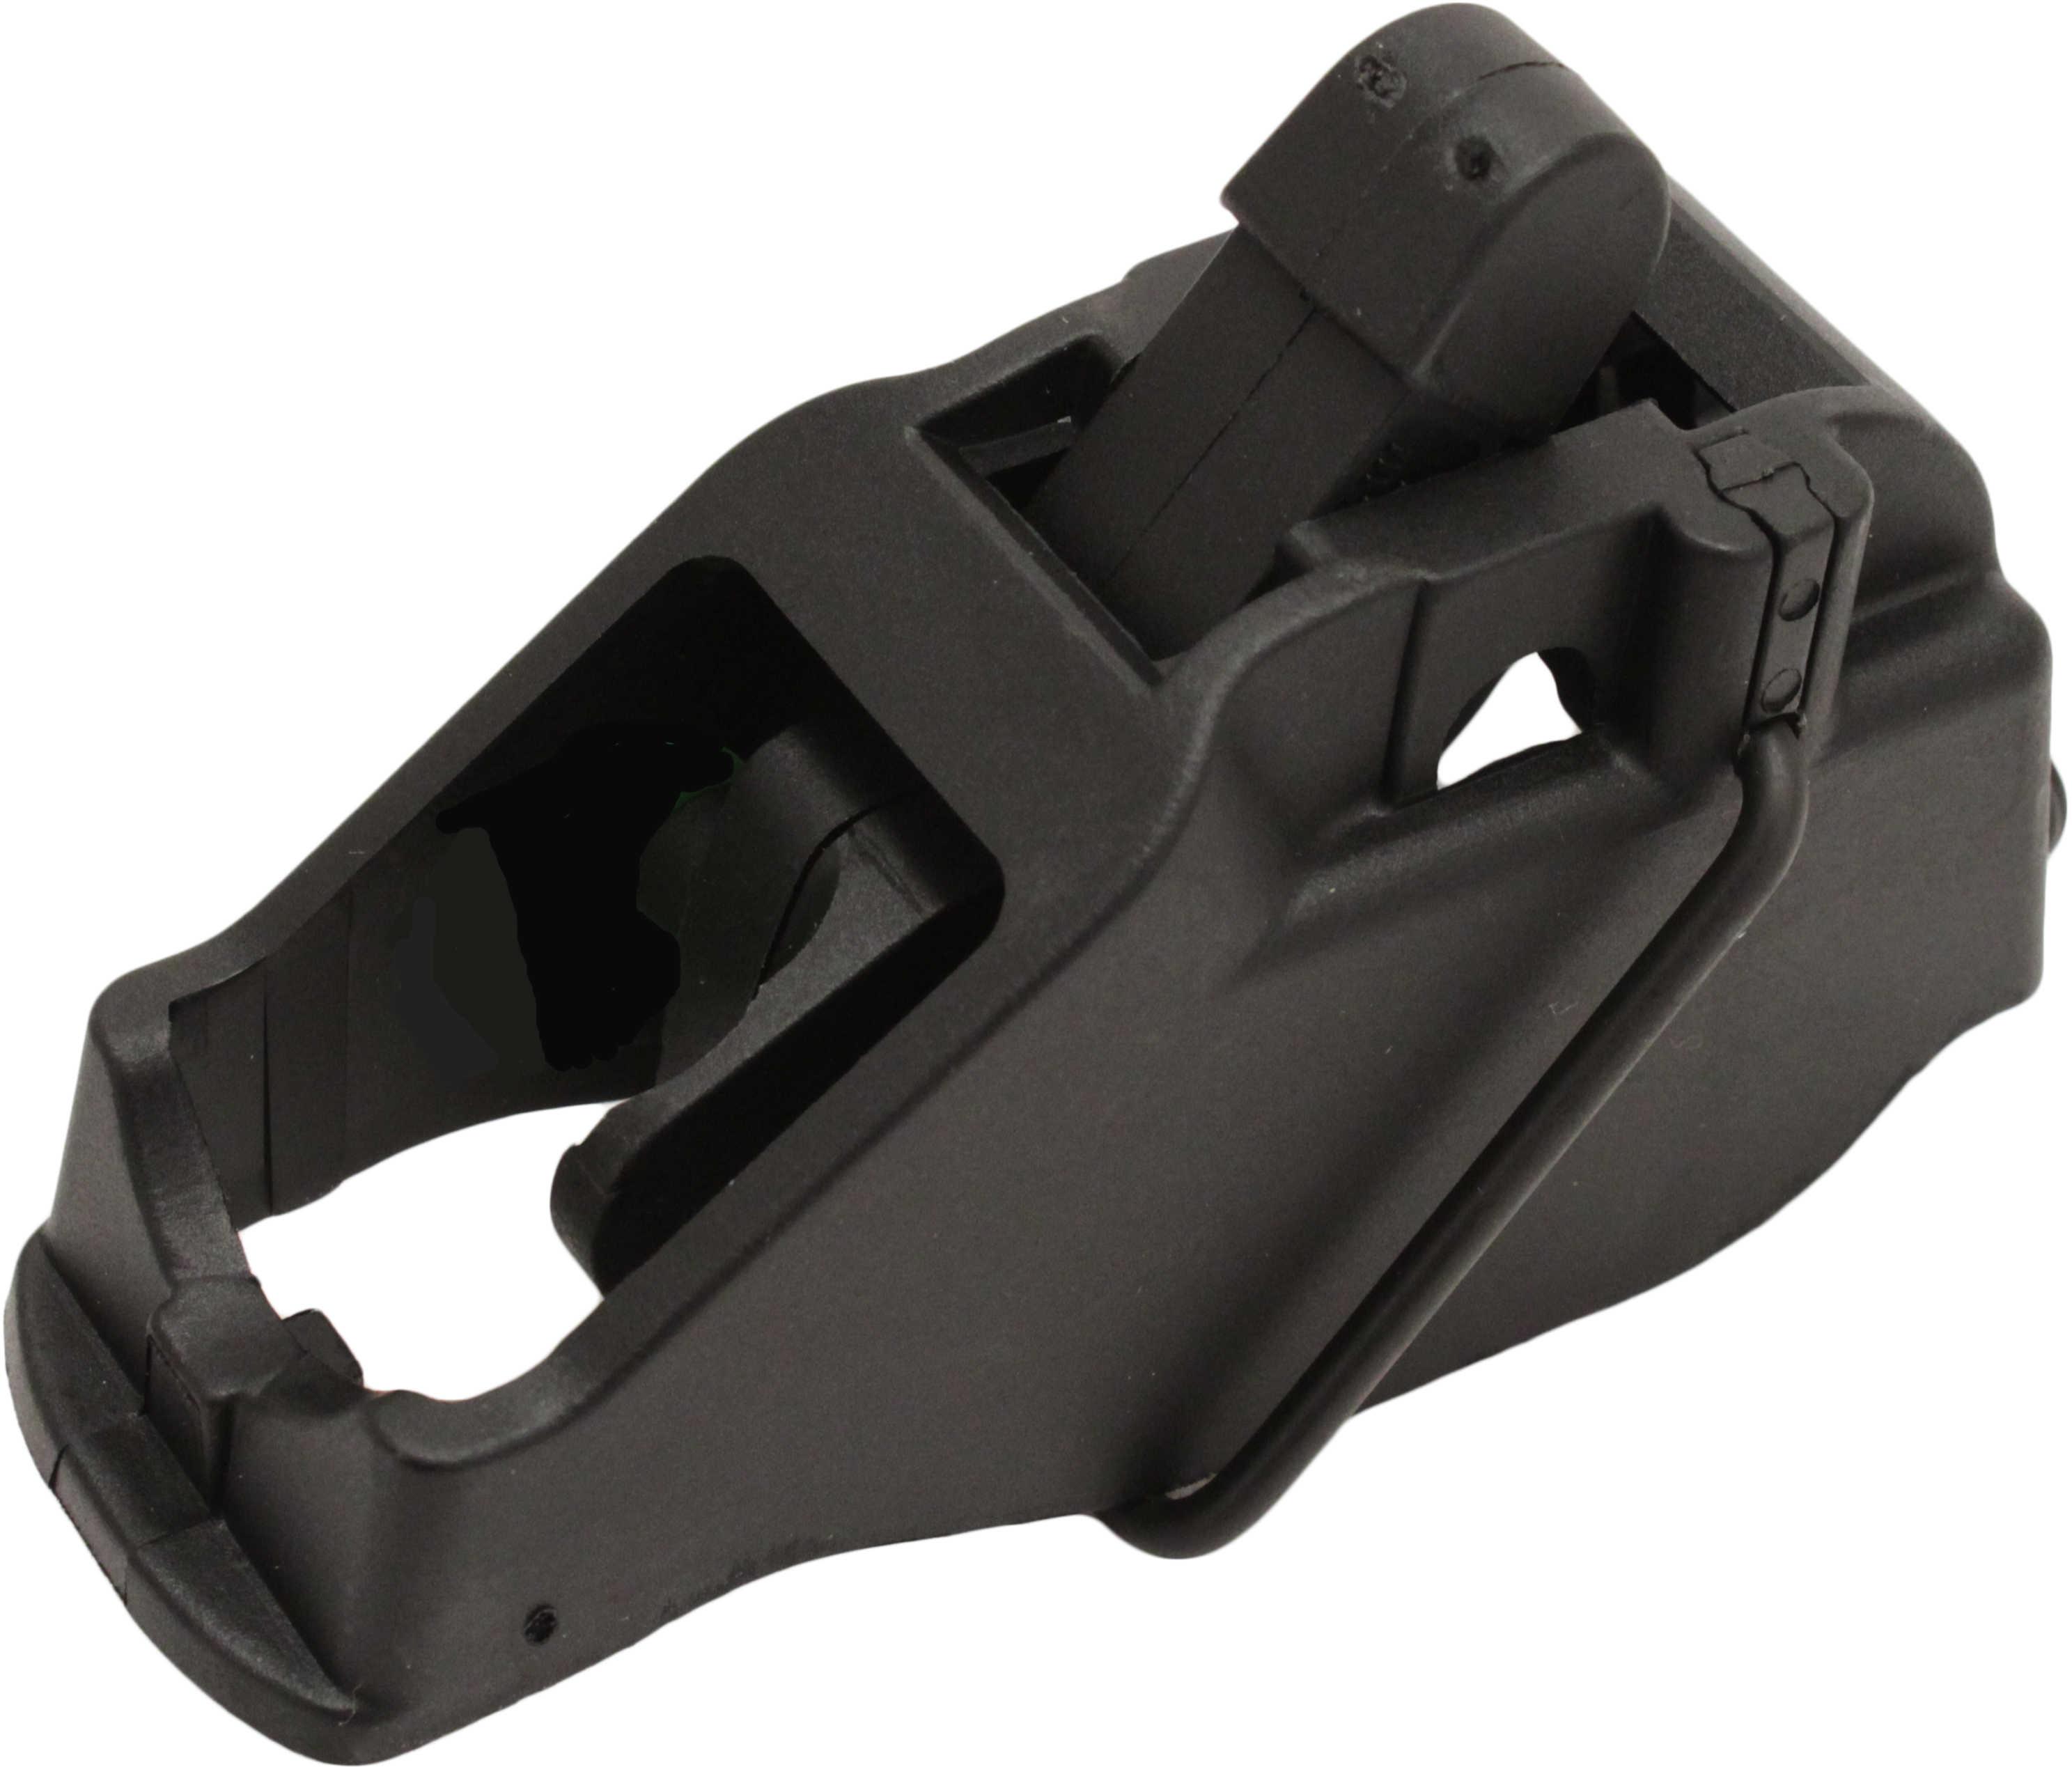 MagLula Ltd Mag Loader/UnLoader Lula M1A/M14 308 Win N/A Black M1A,M14,AR10 (With Rear Catch) Lu20B